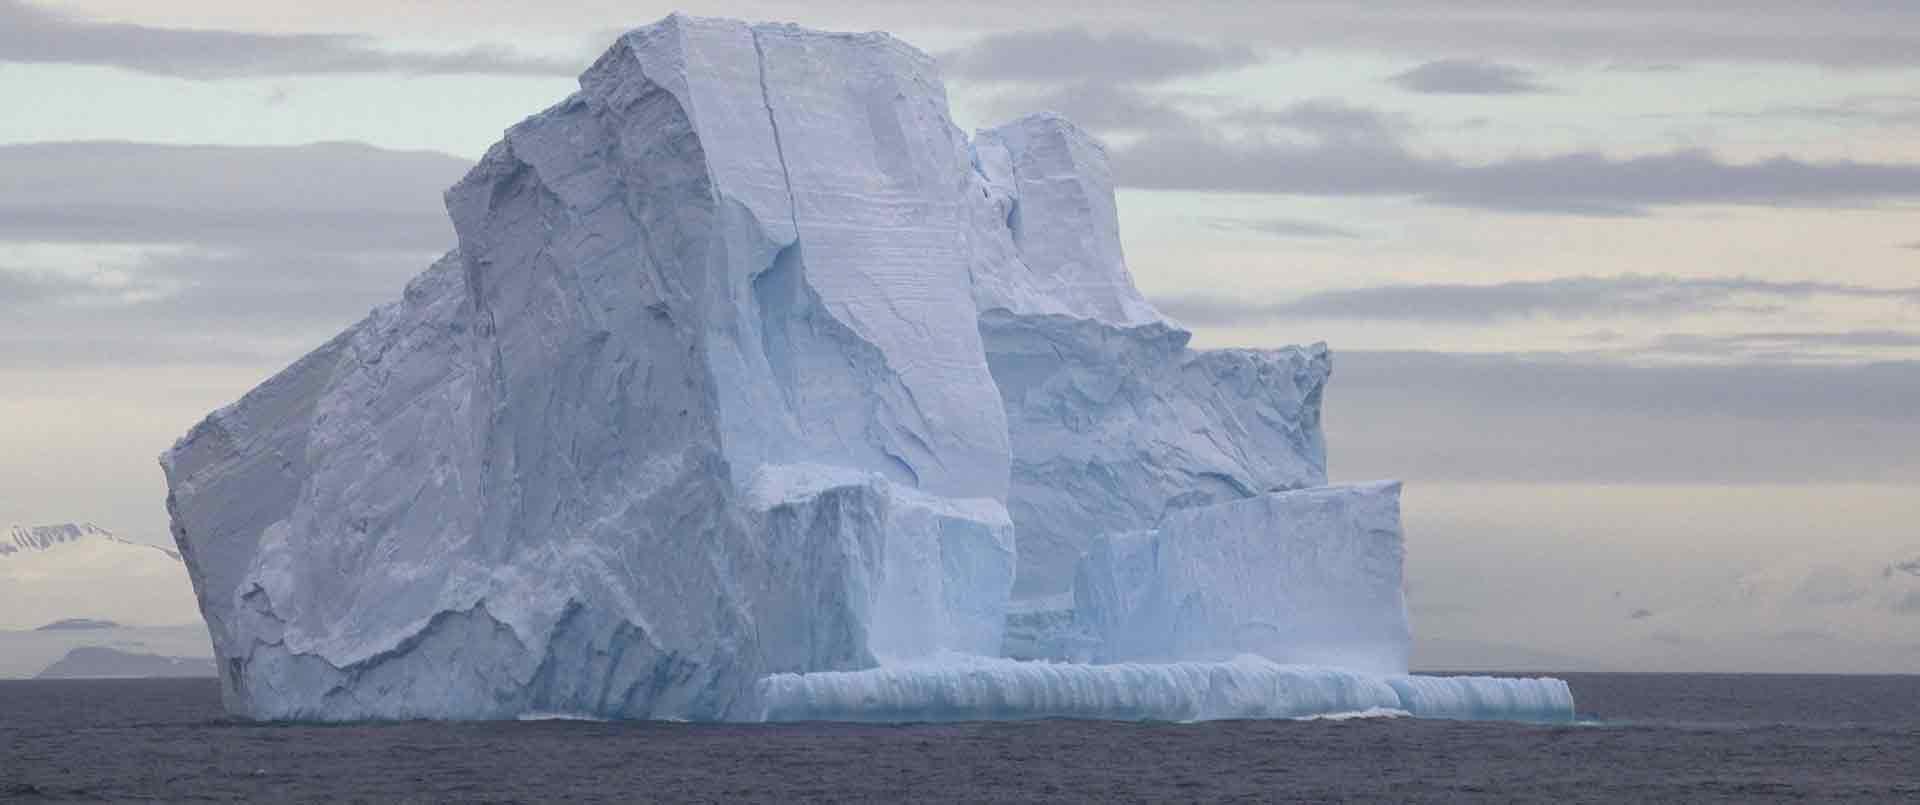 Antarctic Circle Cruise